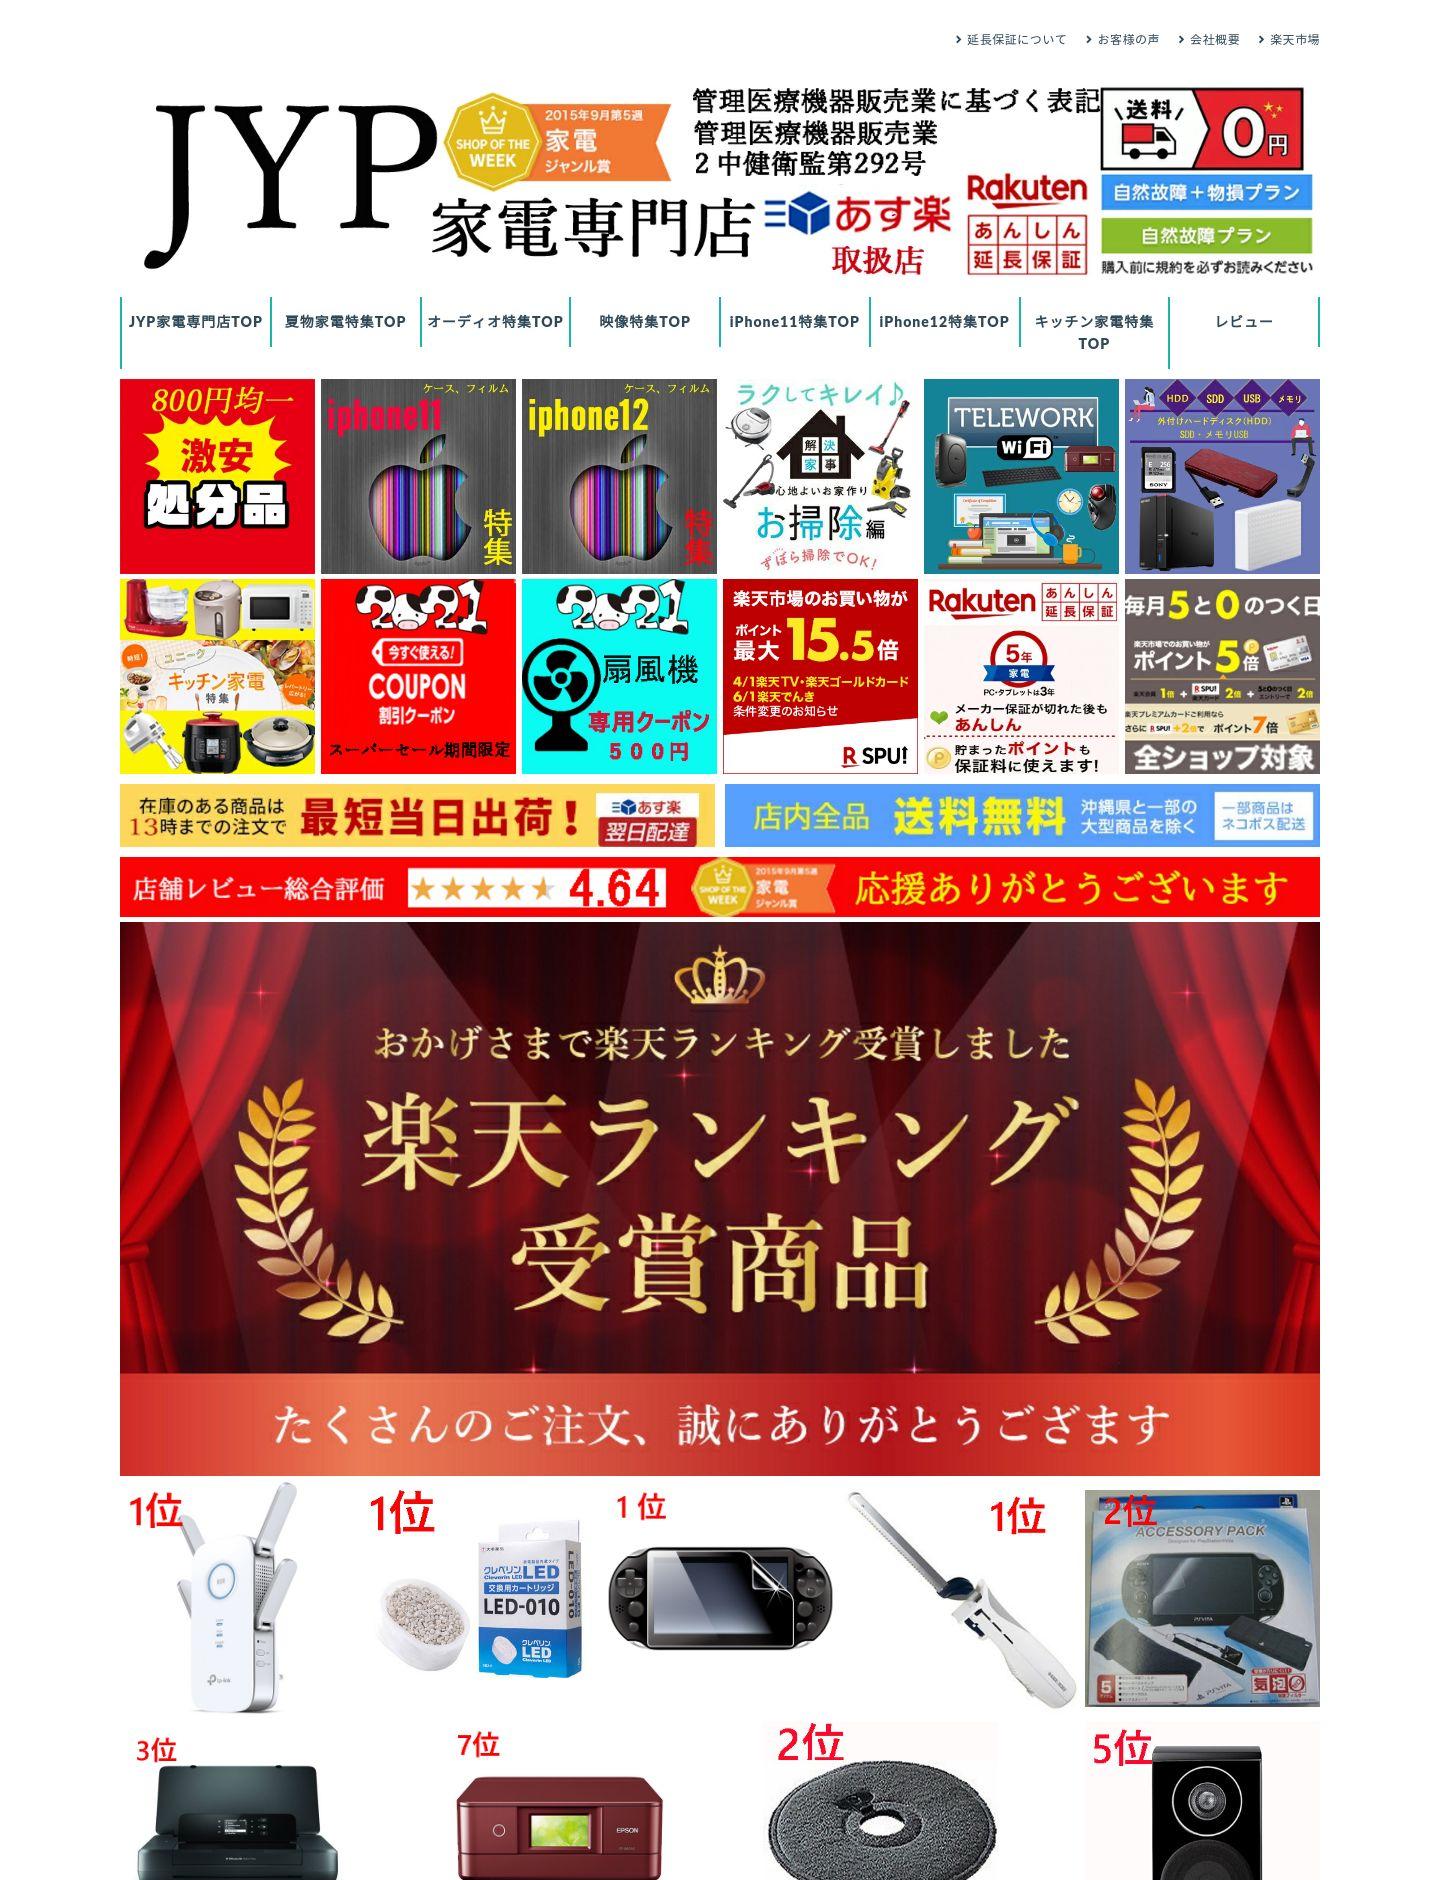 JYP家電専門店様 サイト画像